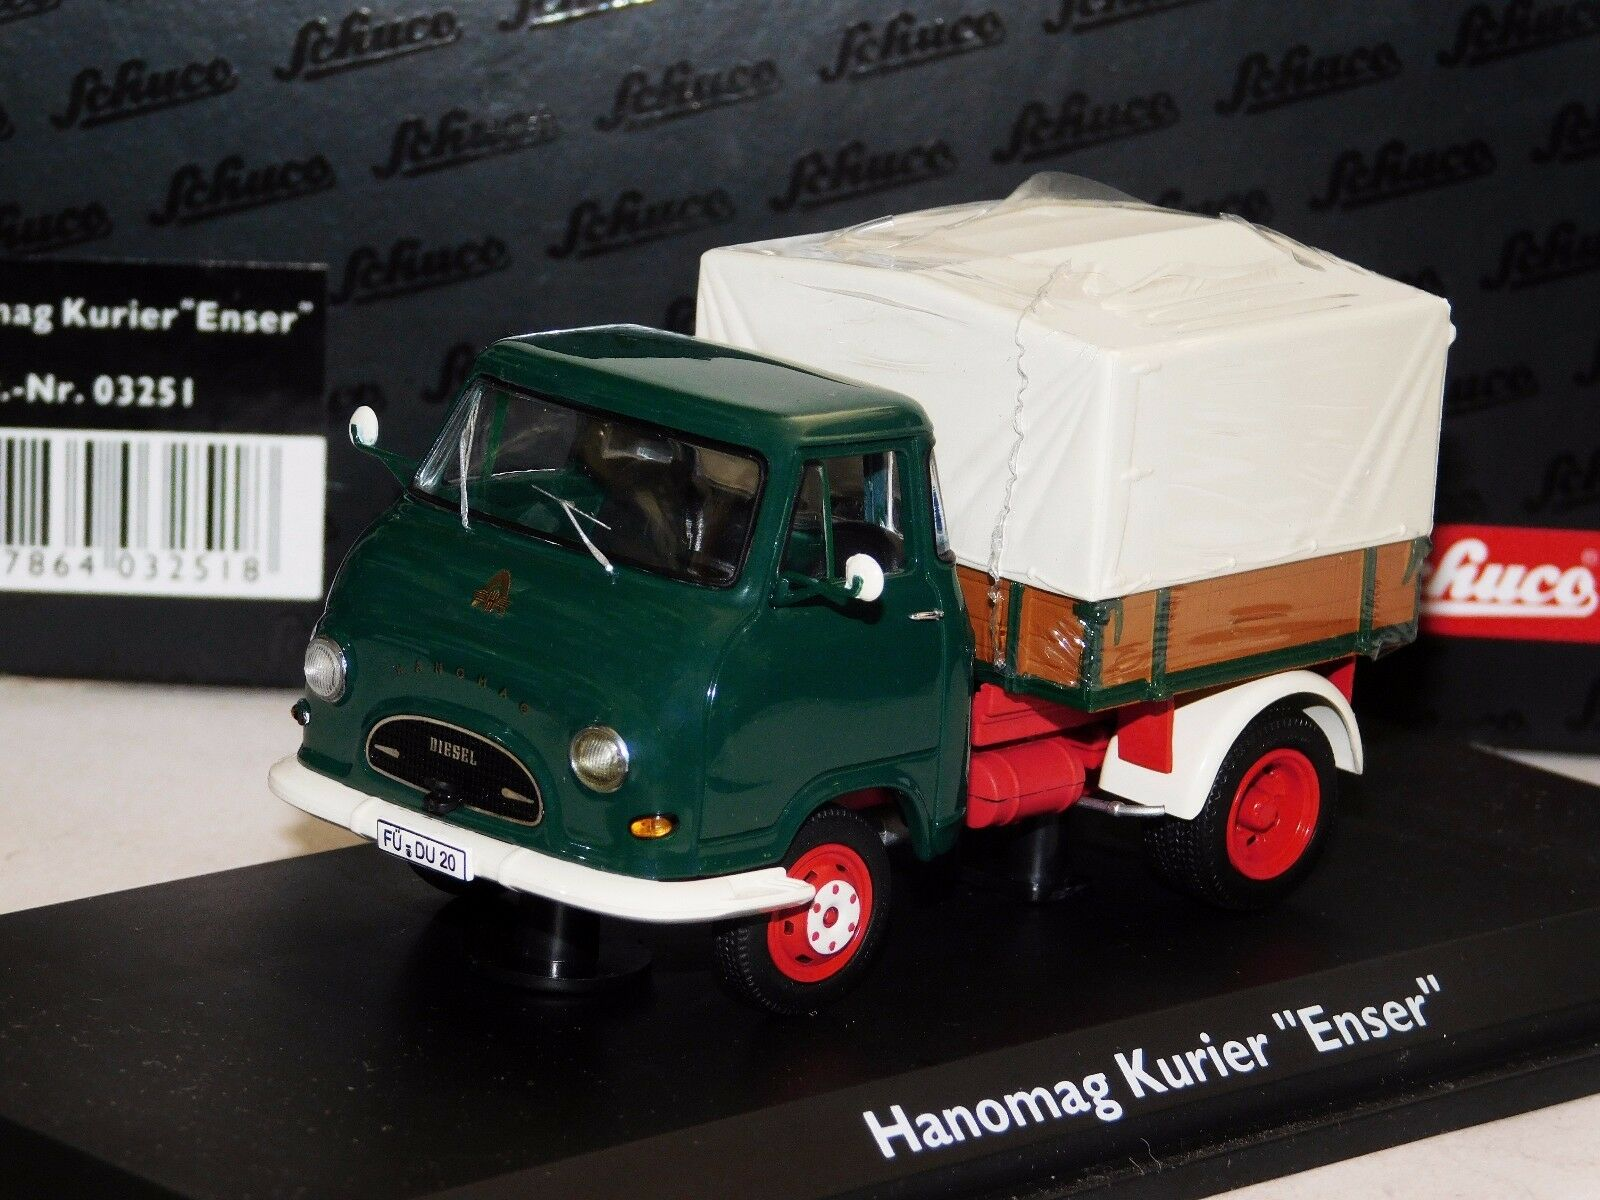 Hanomag Kurier Enser Camion camión Schuco 03251 1 43